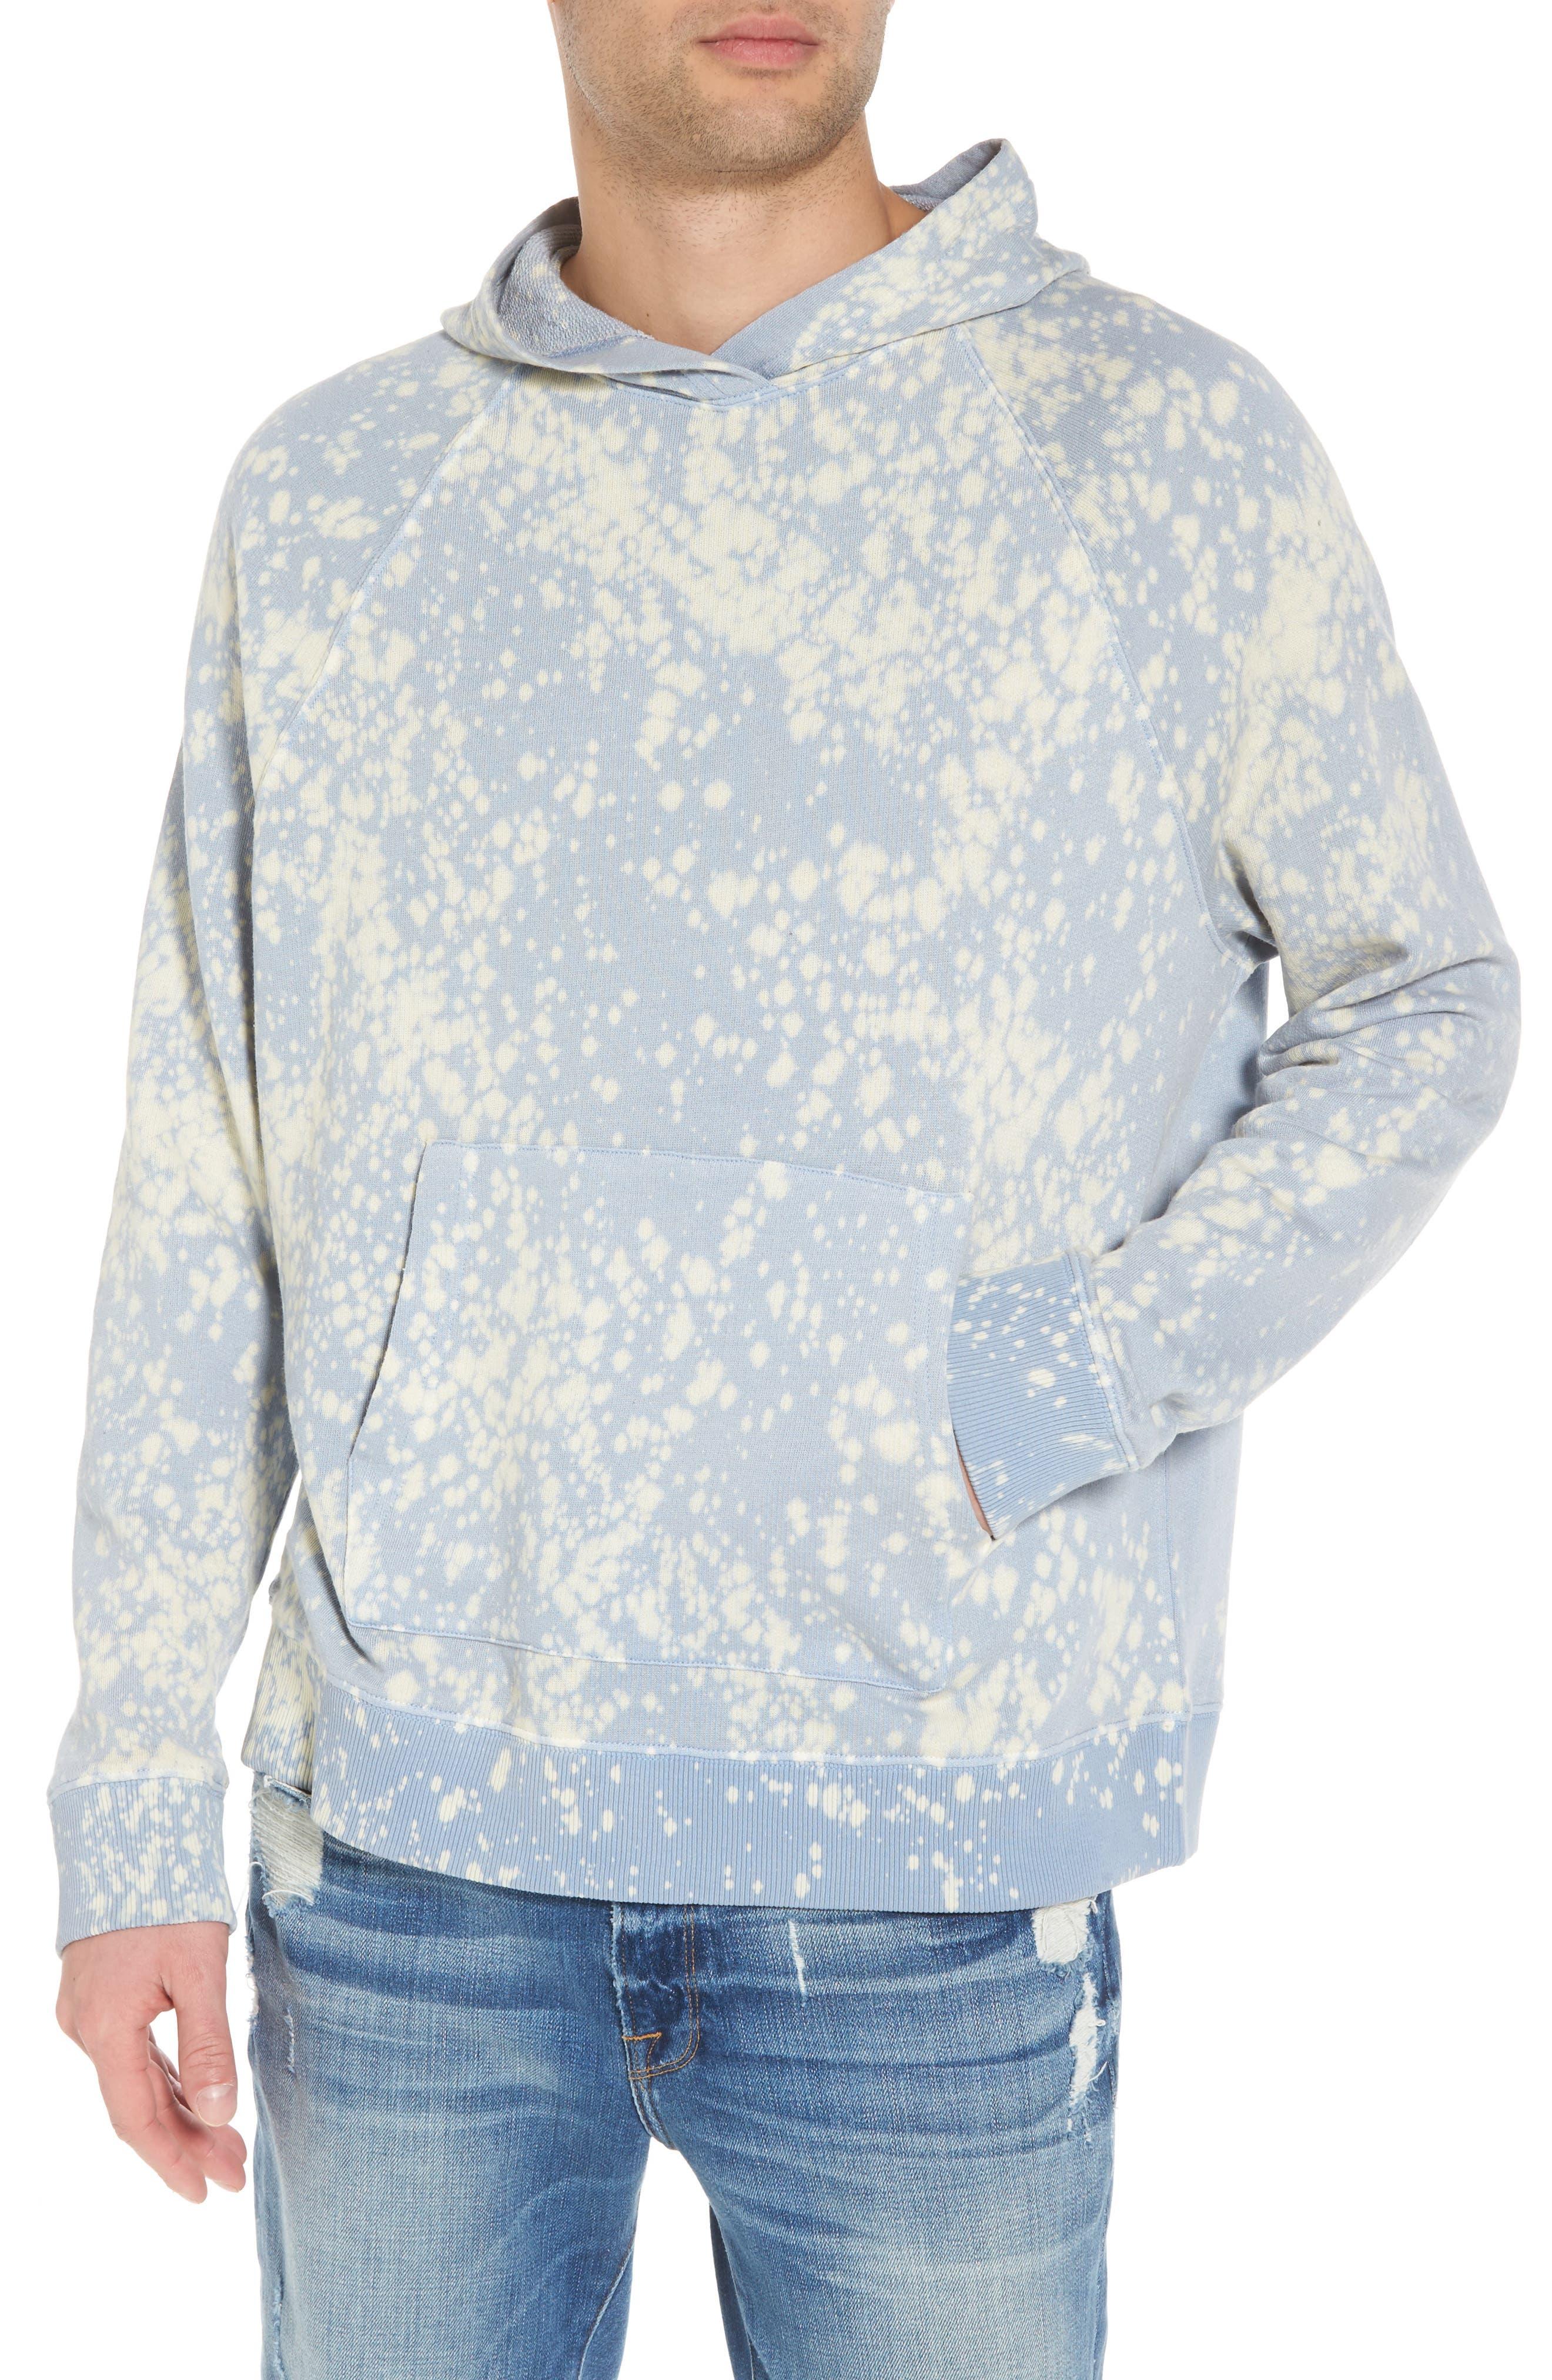 Bleached Hoodie Sweatshirt,                         Main,                         color, Blue White Bleach Splatter